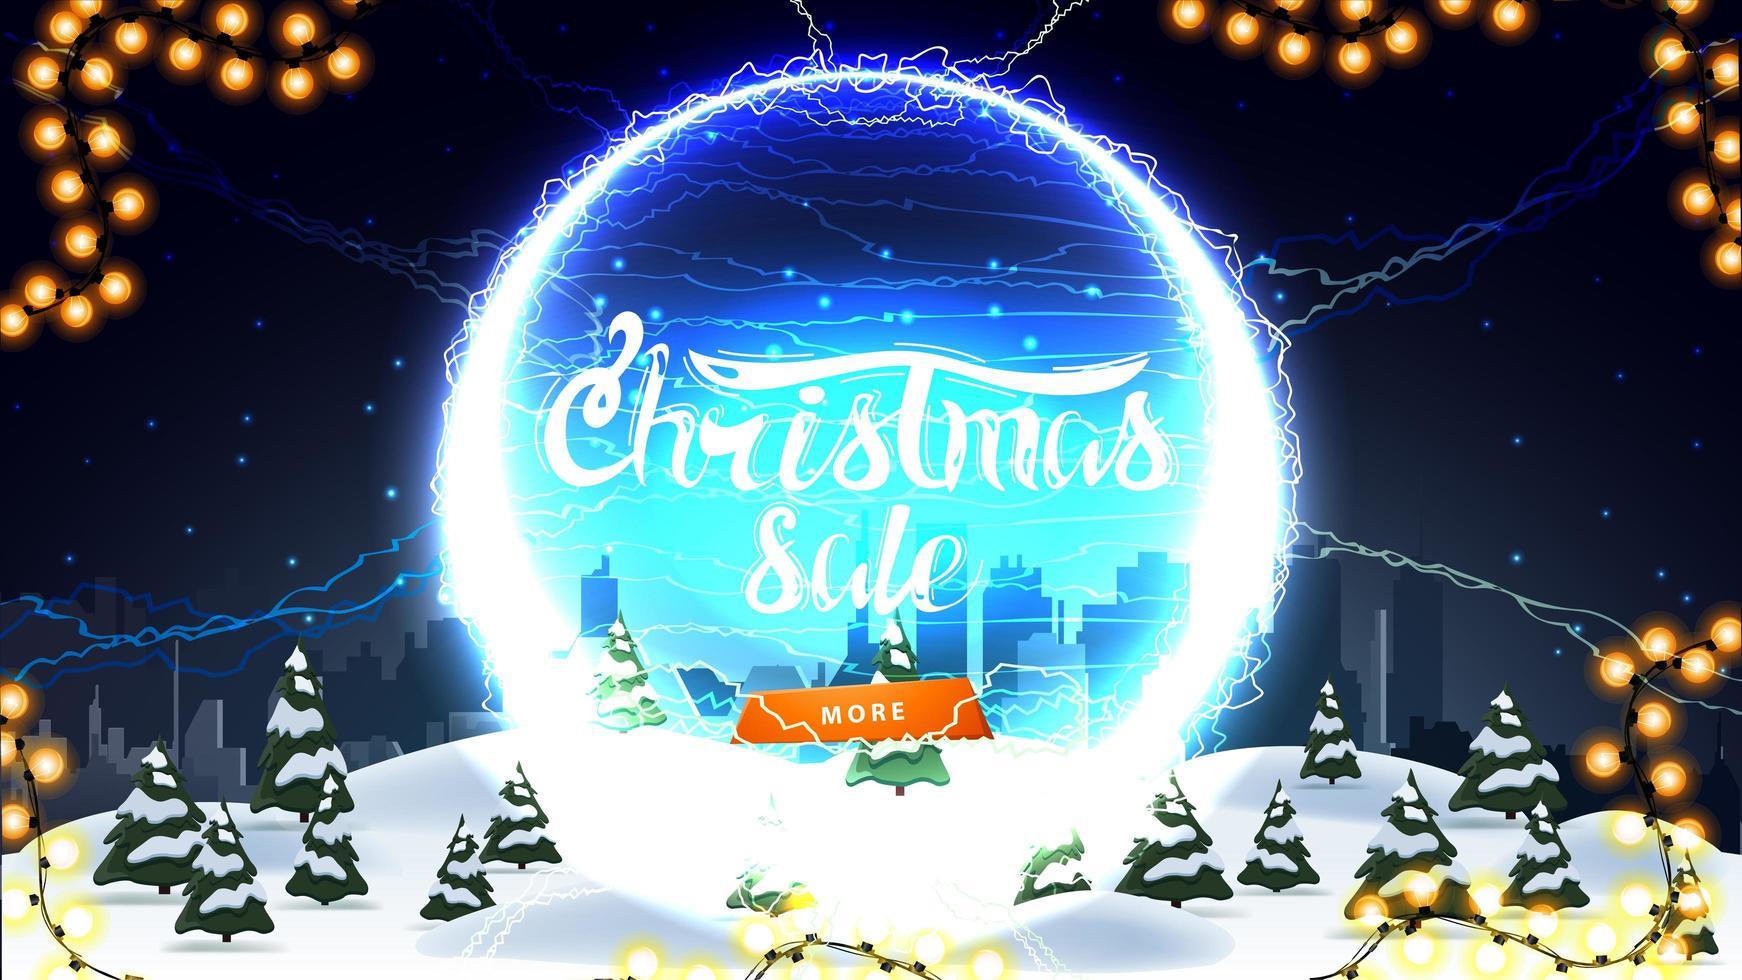 promoção de natal, banner de desconto com paisagem de inverno, céu estrelado, botão e portal redondo com relâmpagos e oferta vetor